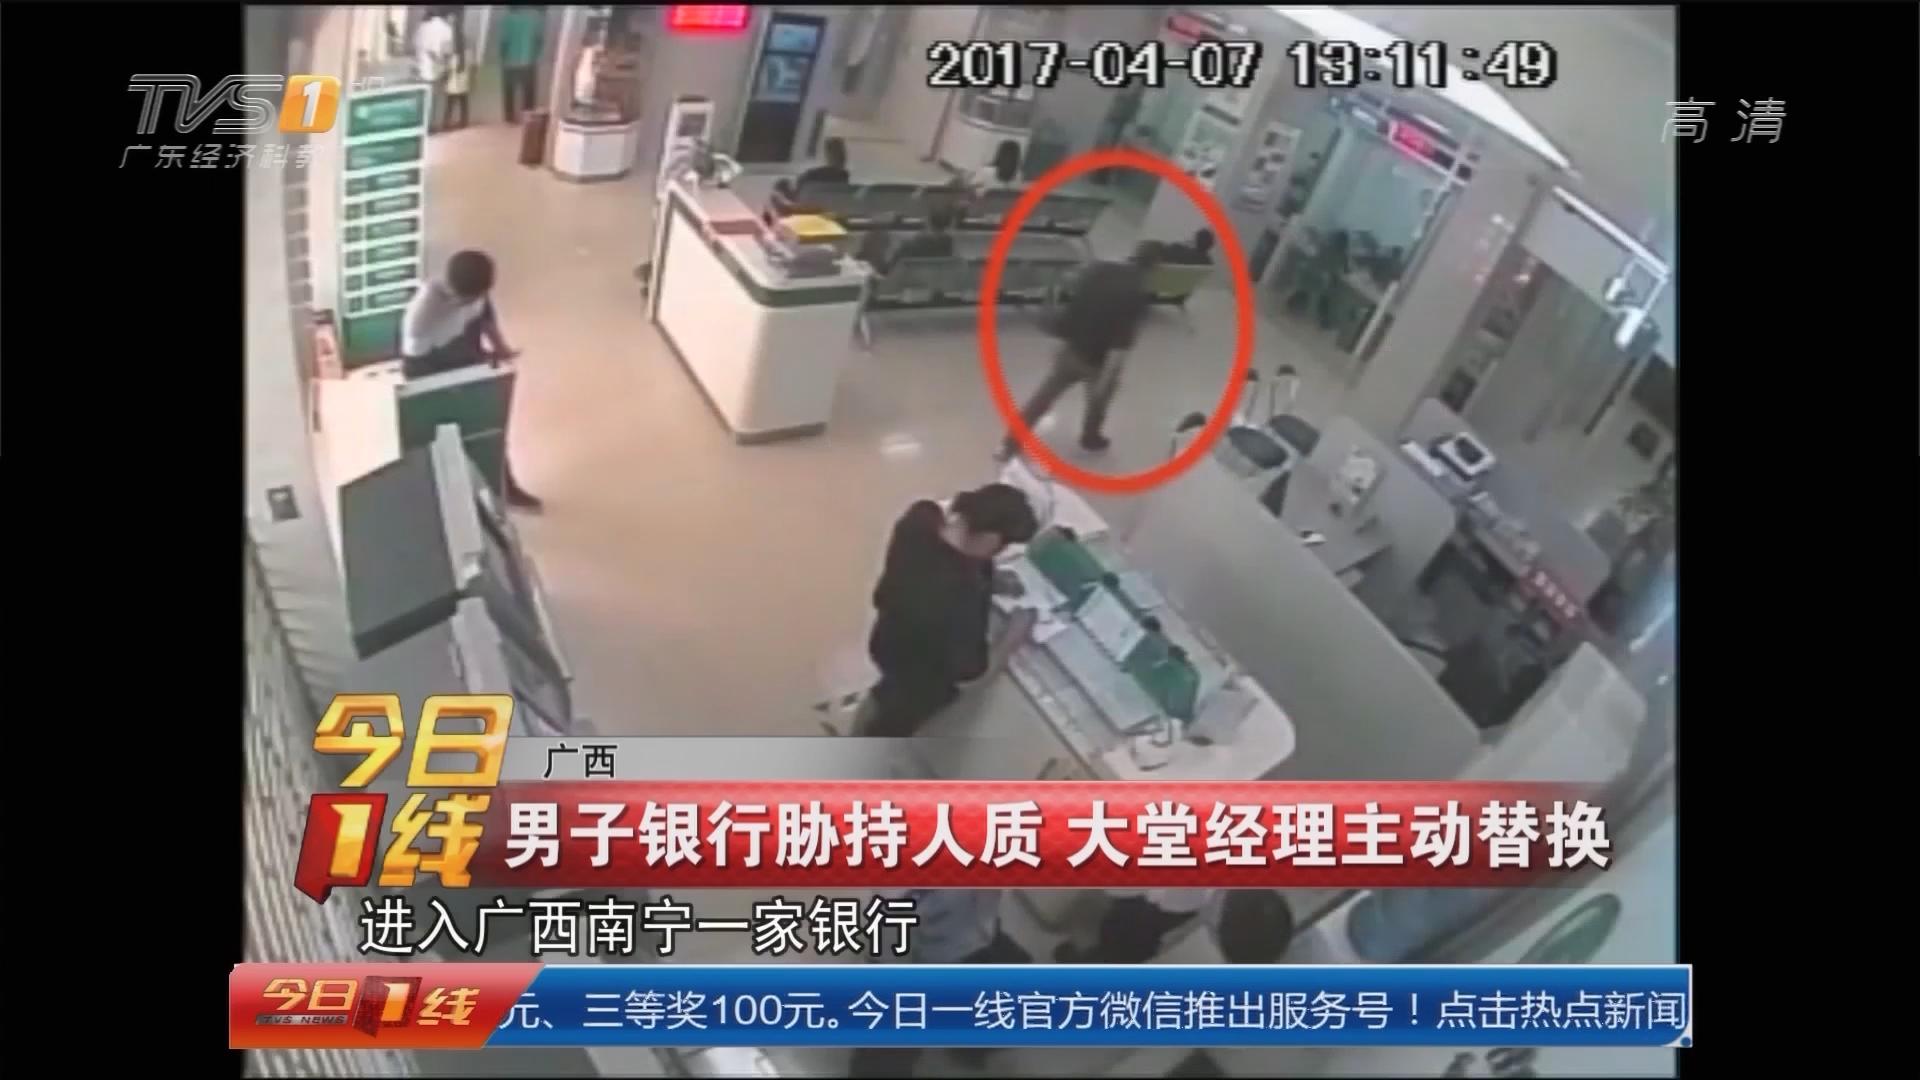 广西:男子银行胁持人质 大堂经理主动替换